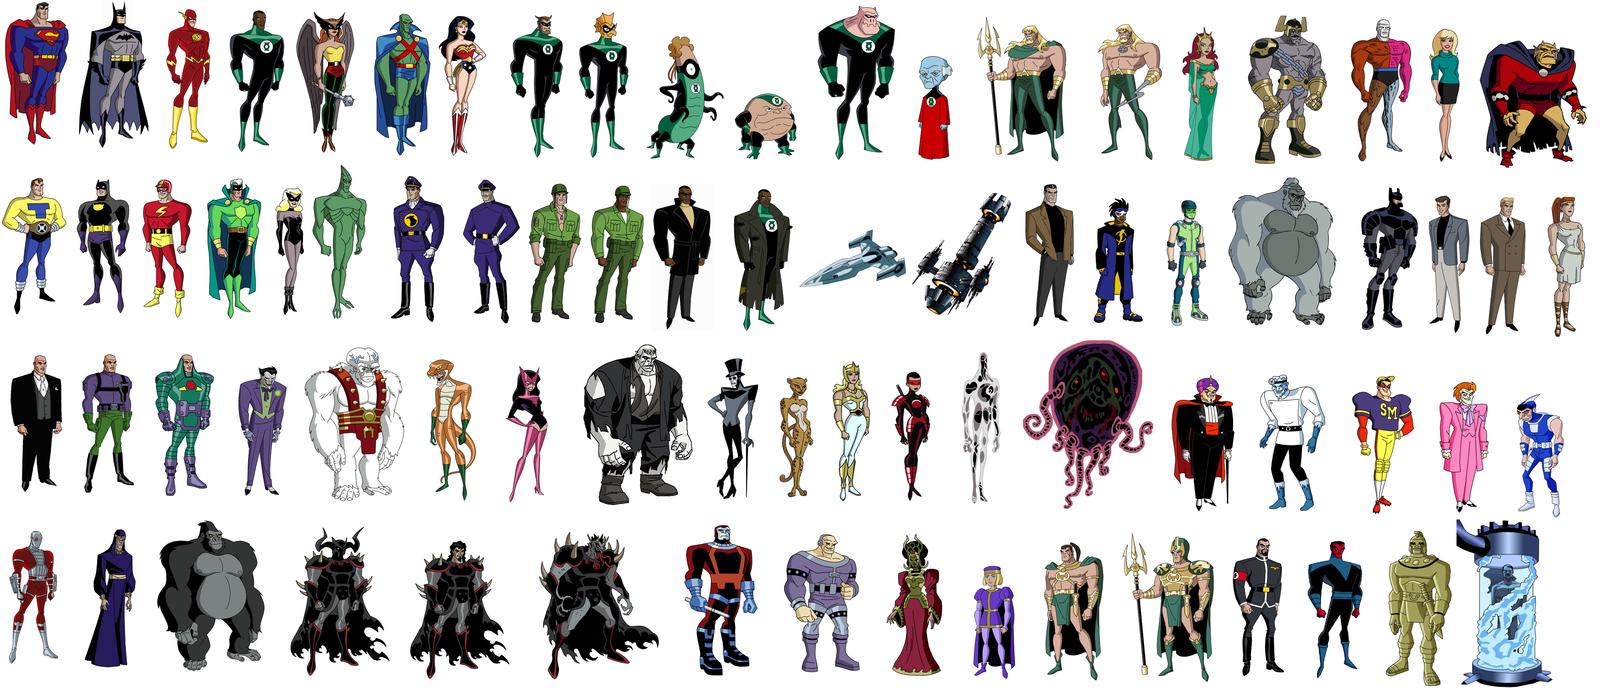 http://www.deviantart.com/art/justice-league-cartoon-1 ...